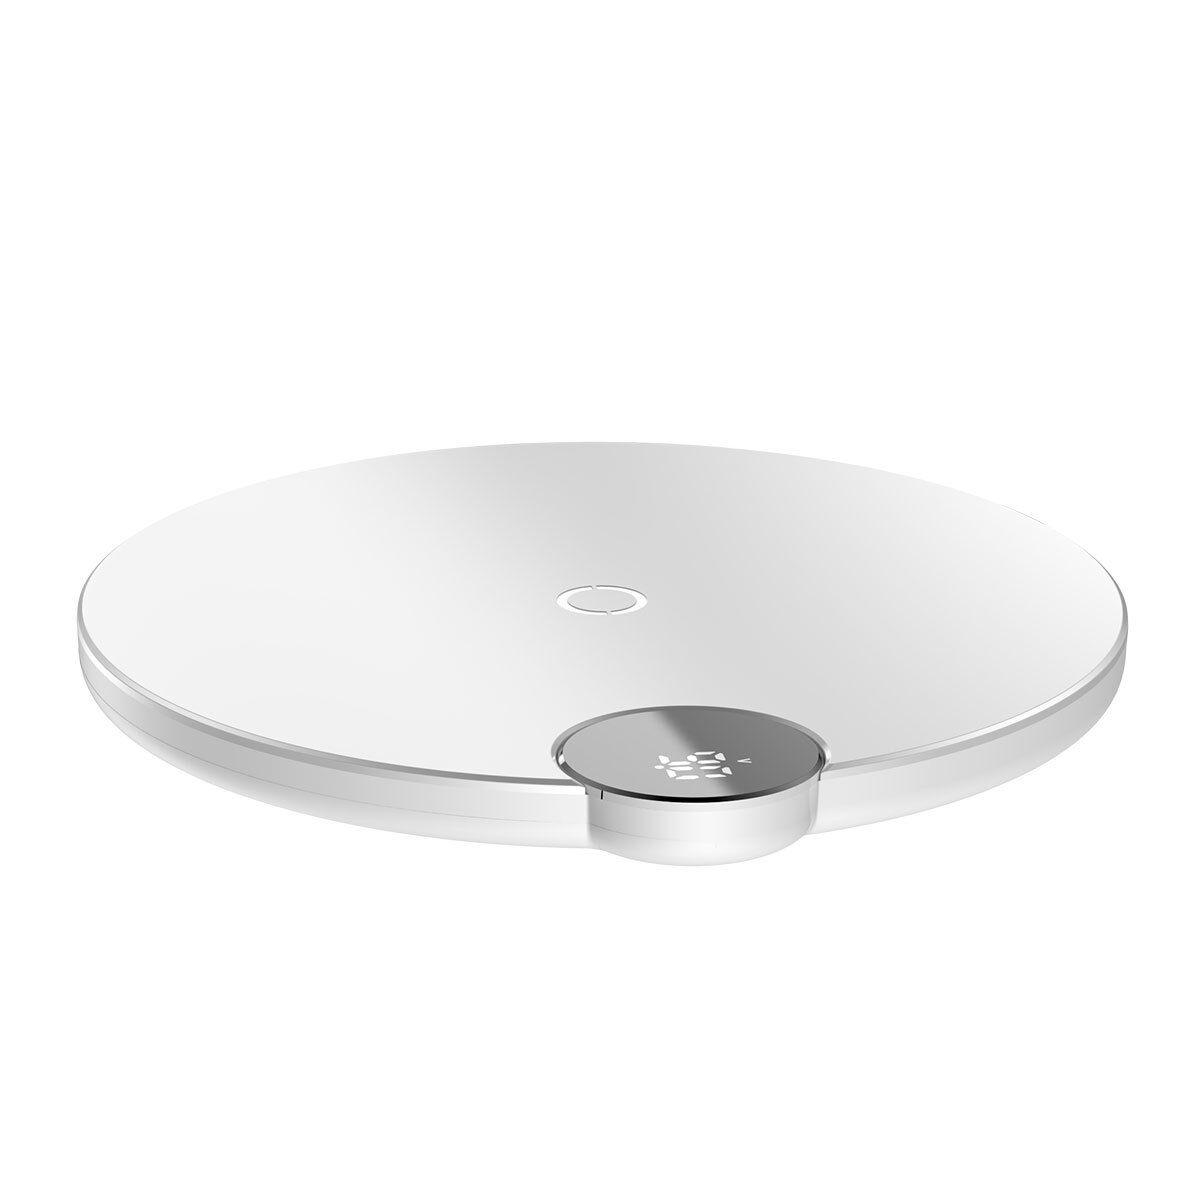 Baseus Chargeur sans fil Baseus avec affichage numérique à LED blanc